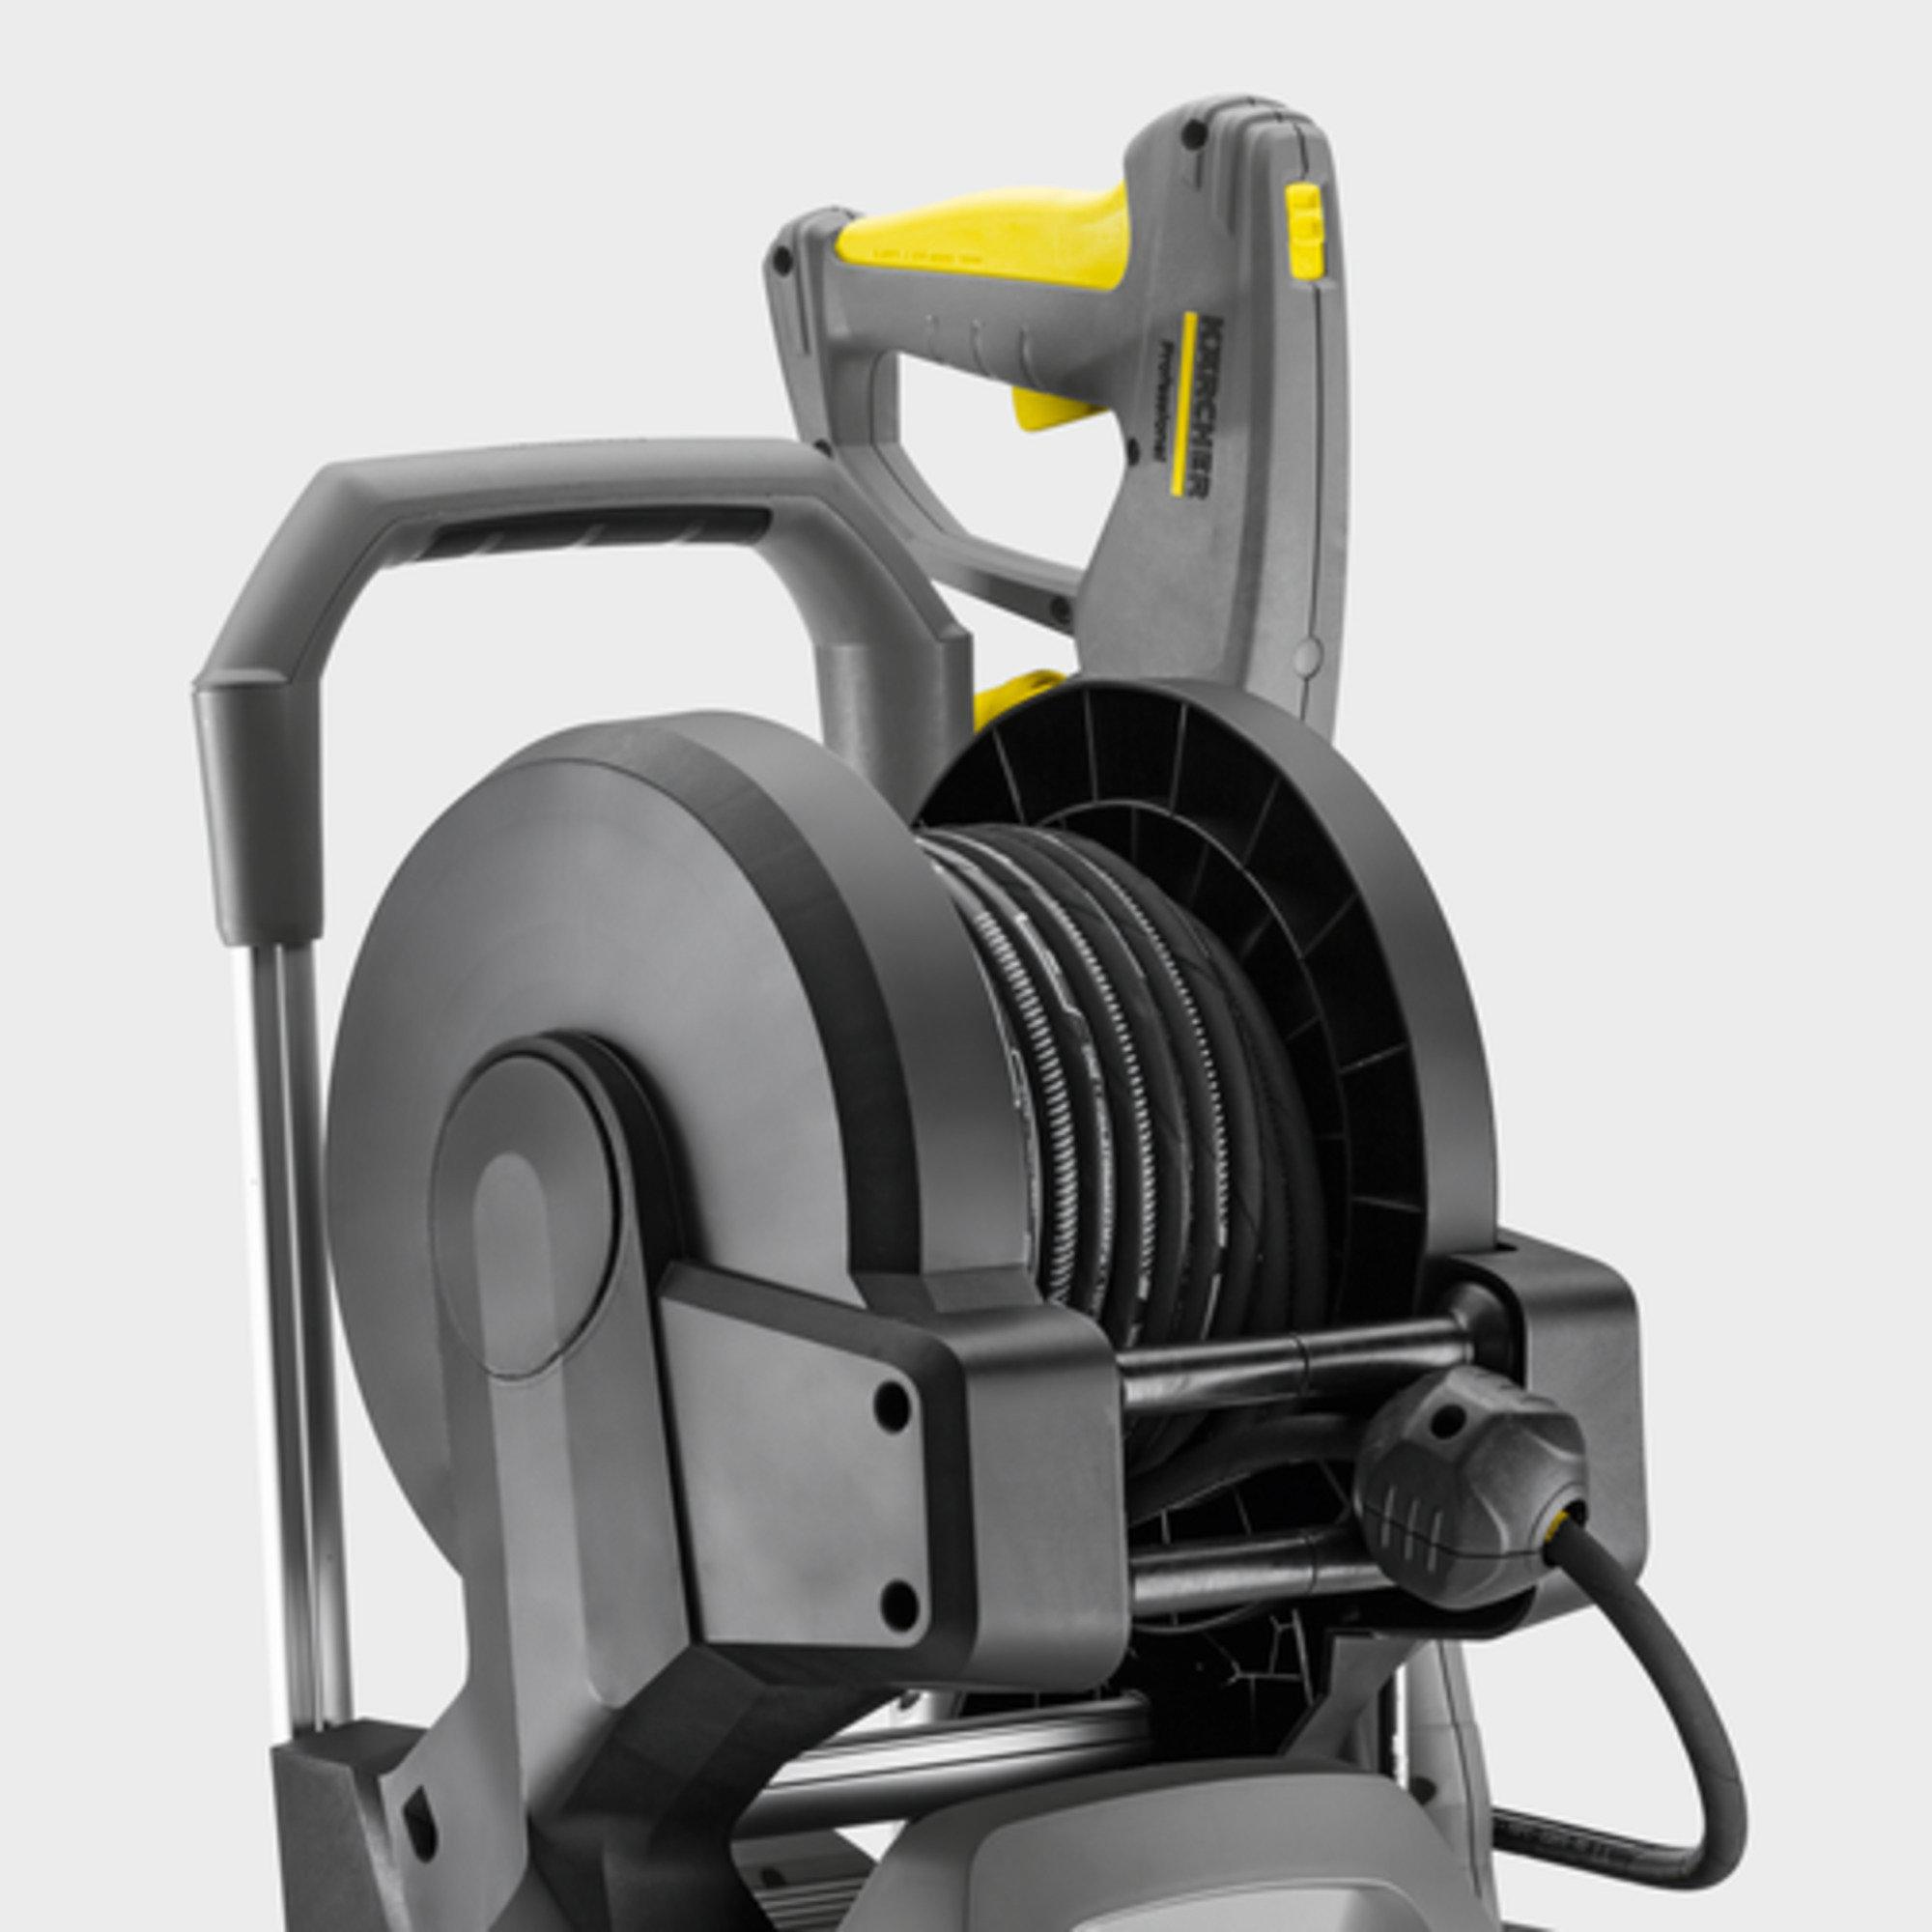 HD 8/18-4 MXA Plus: Pružinový automatický hadicový bubon